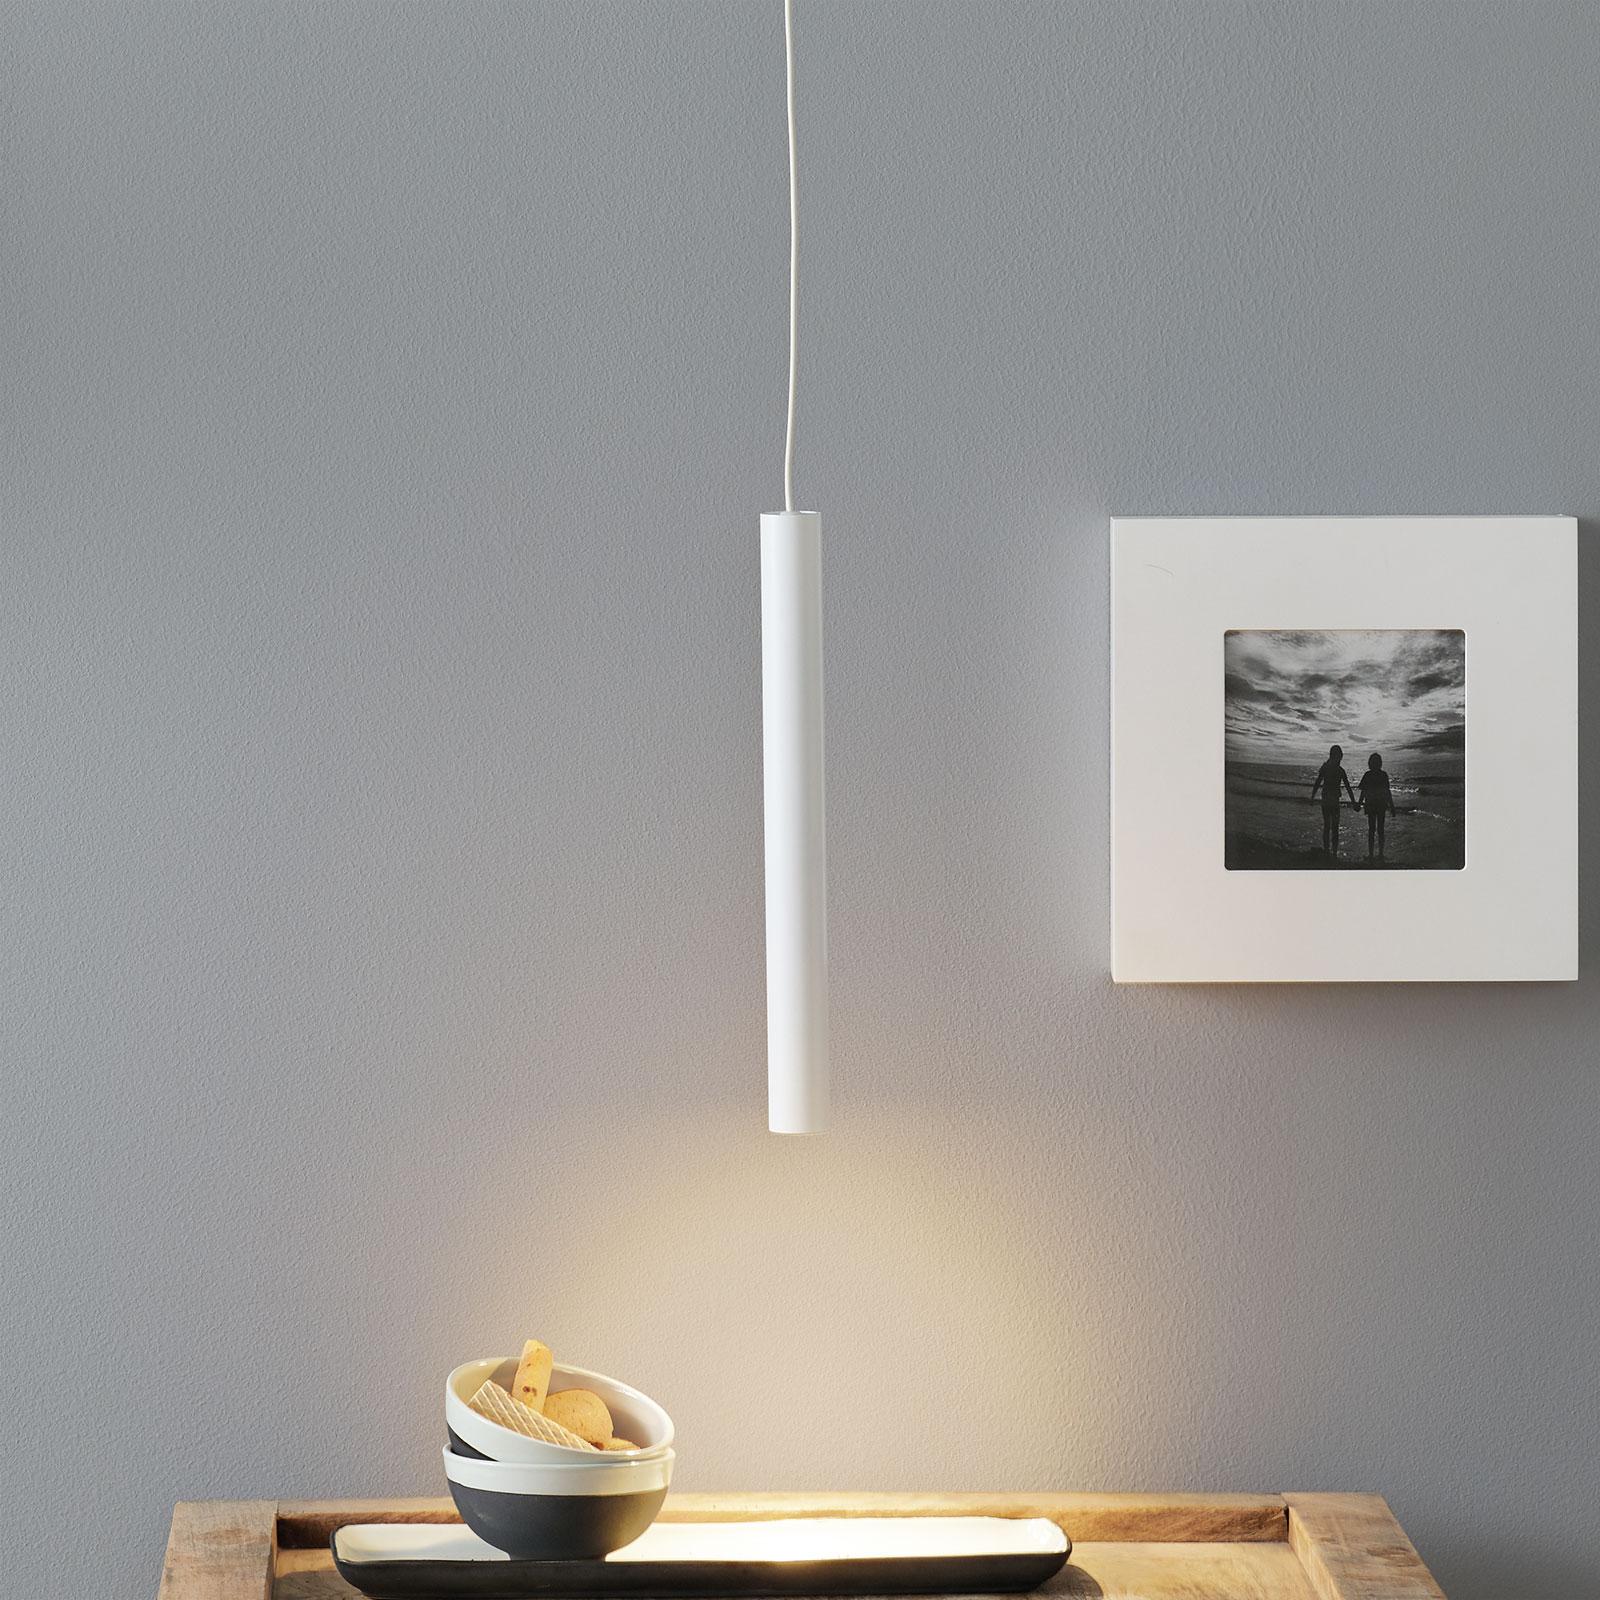 Arcchio Ilmare lampa wisząca LED, 30 cm, biała